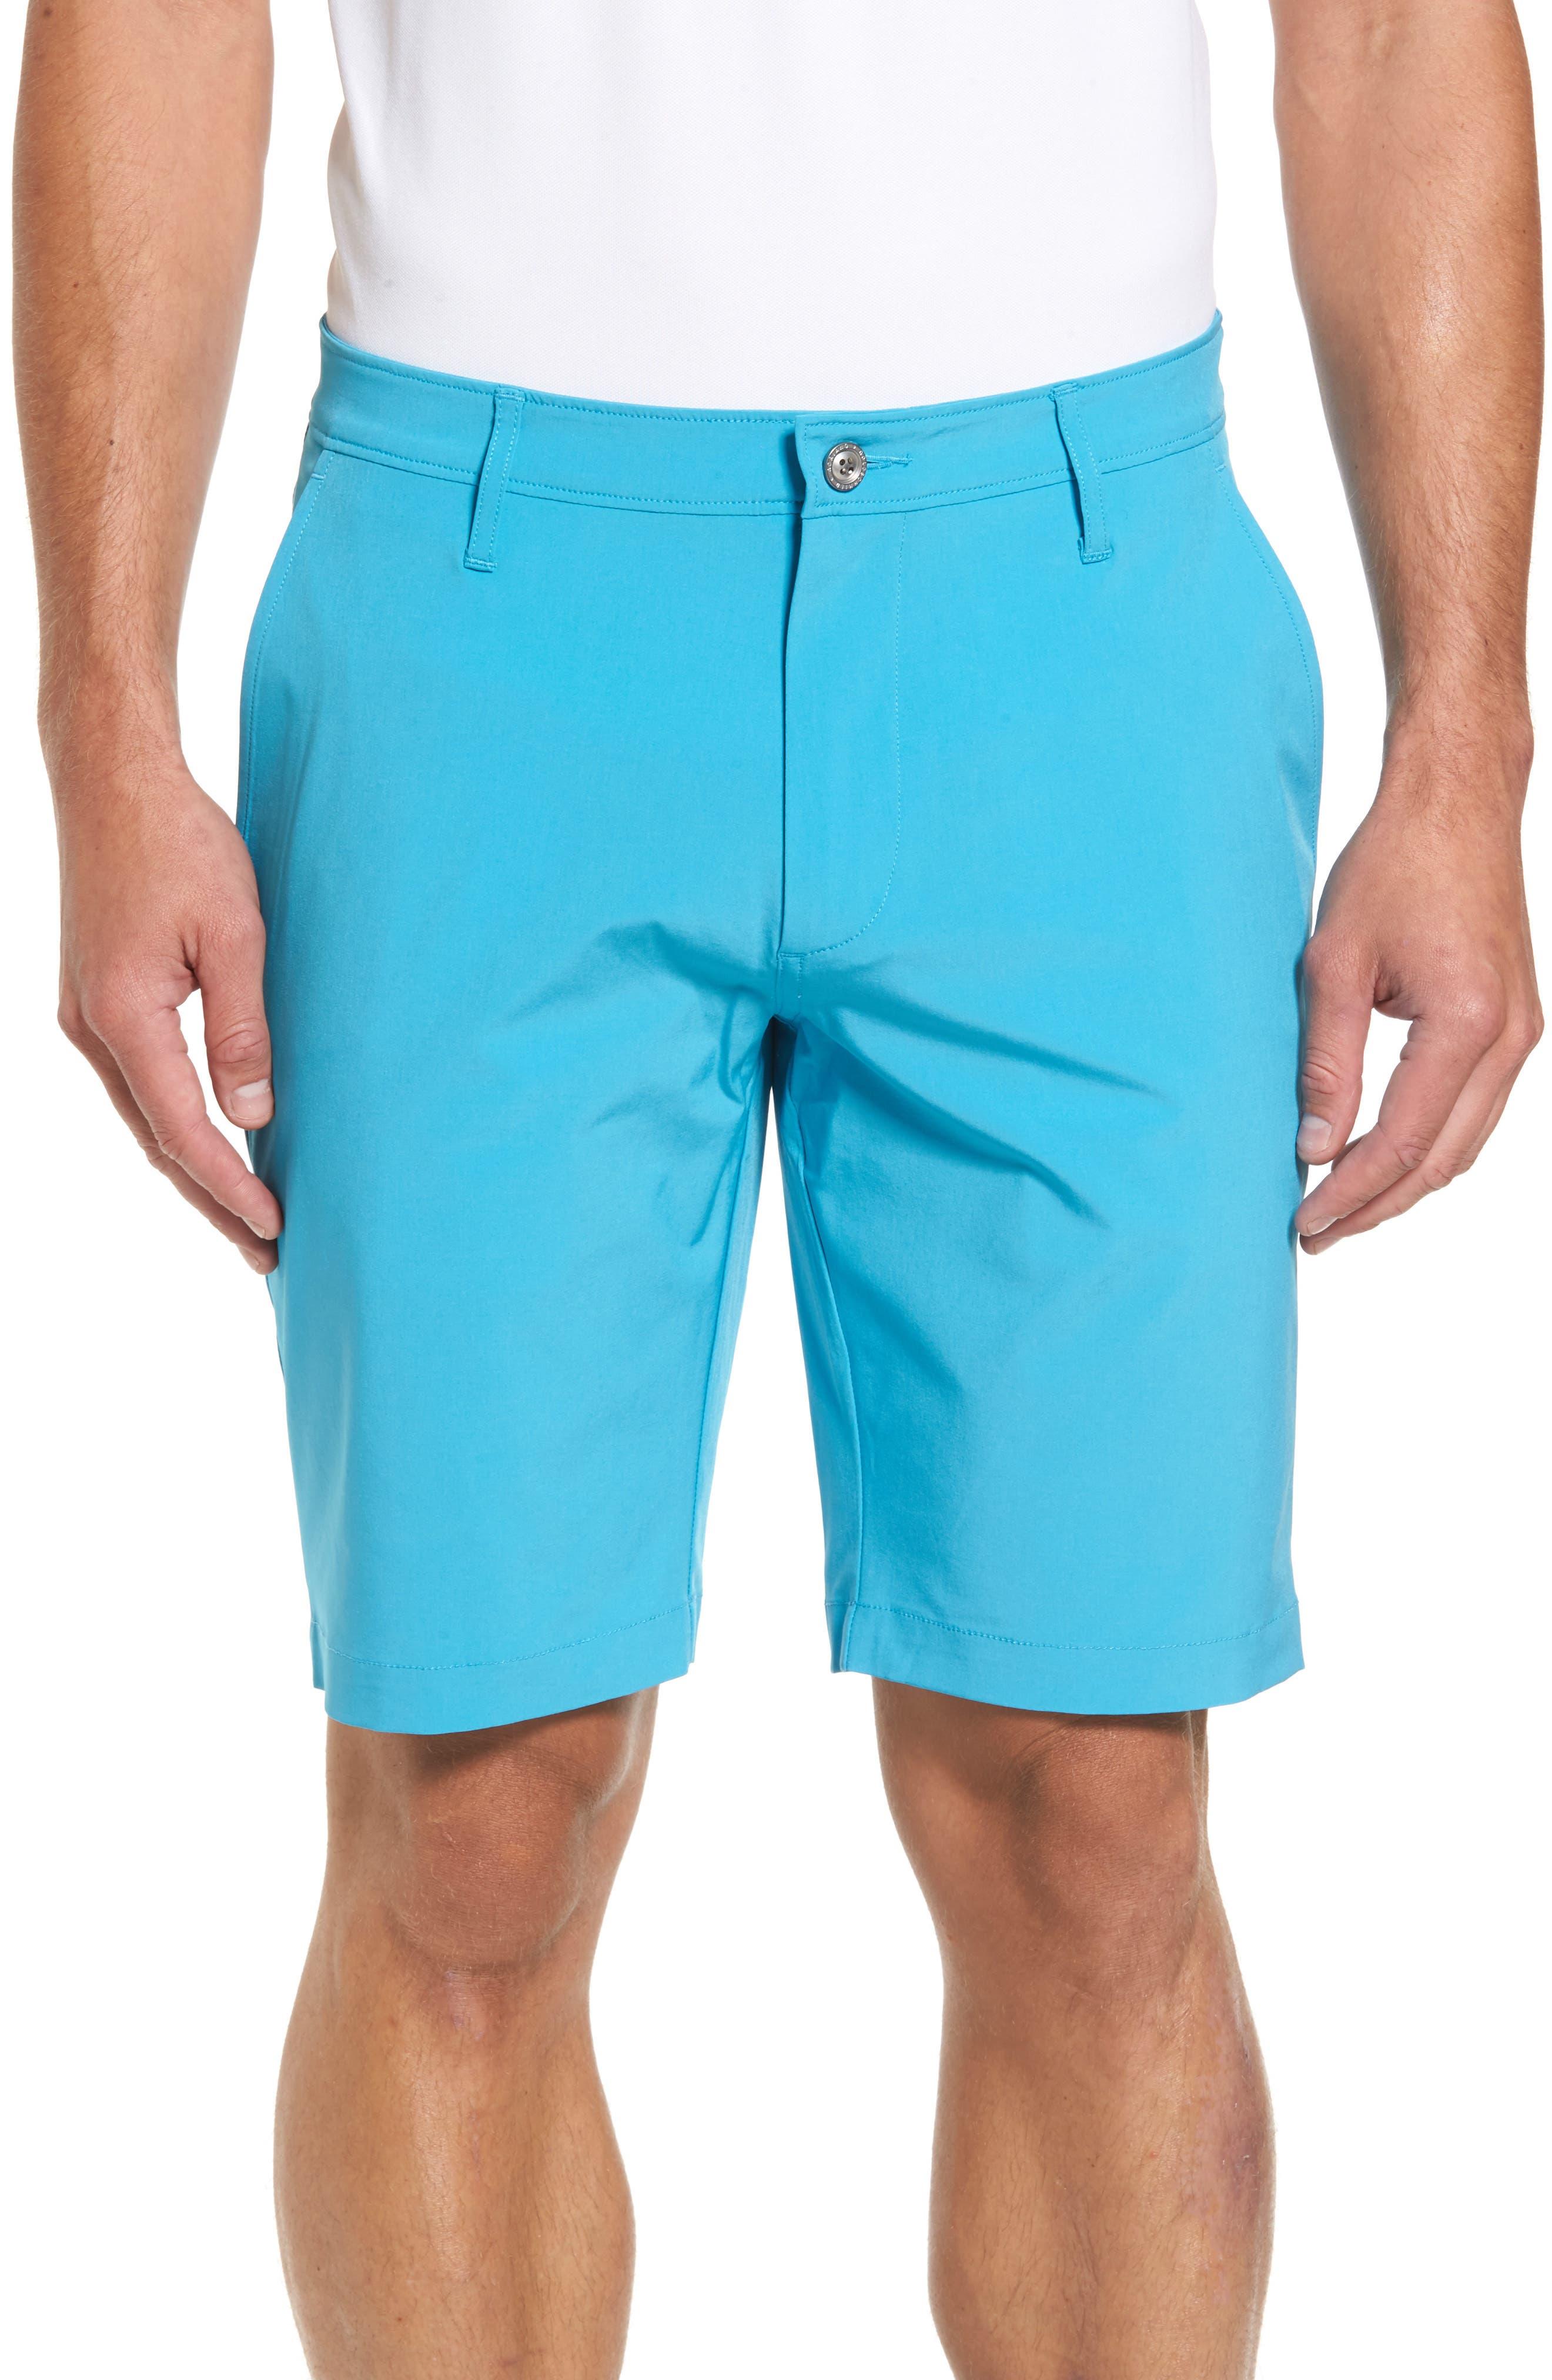 Canyon Shorts,                             Main thumbnail 1, color,                             454